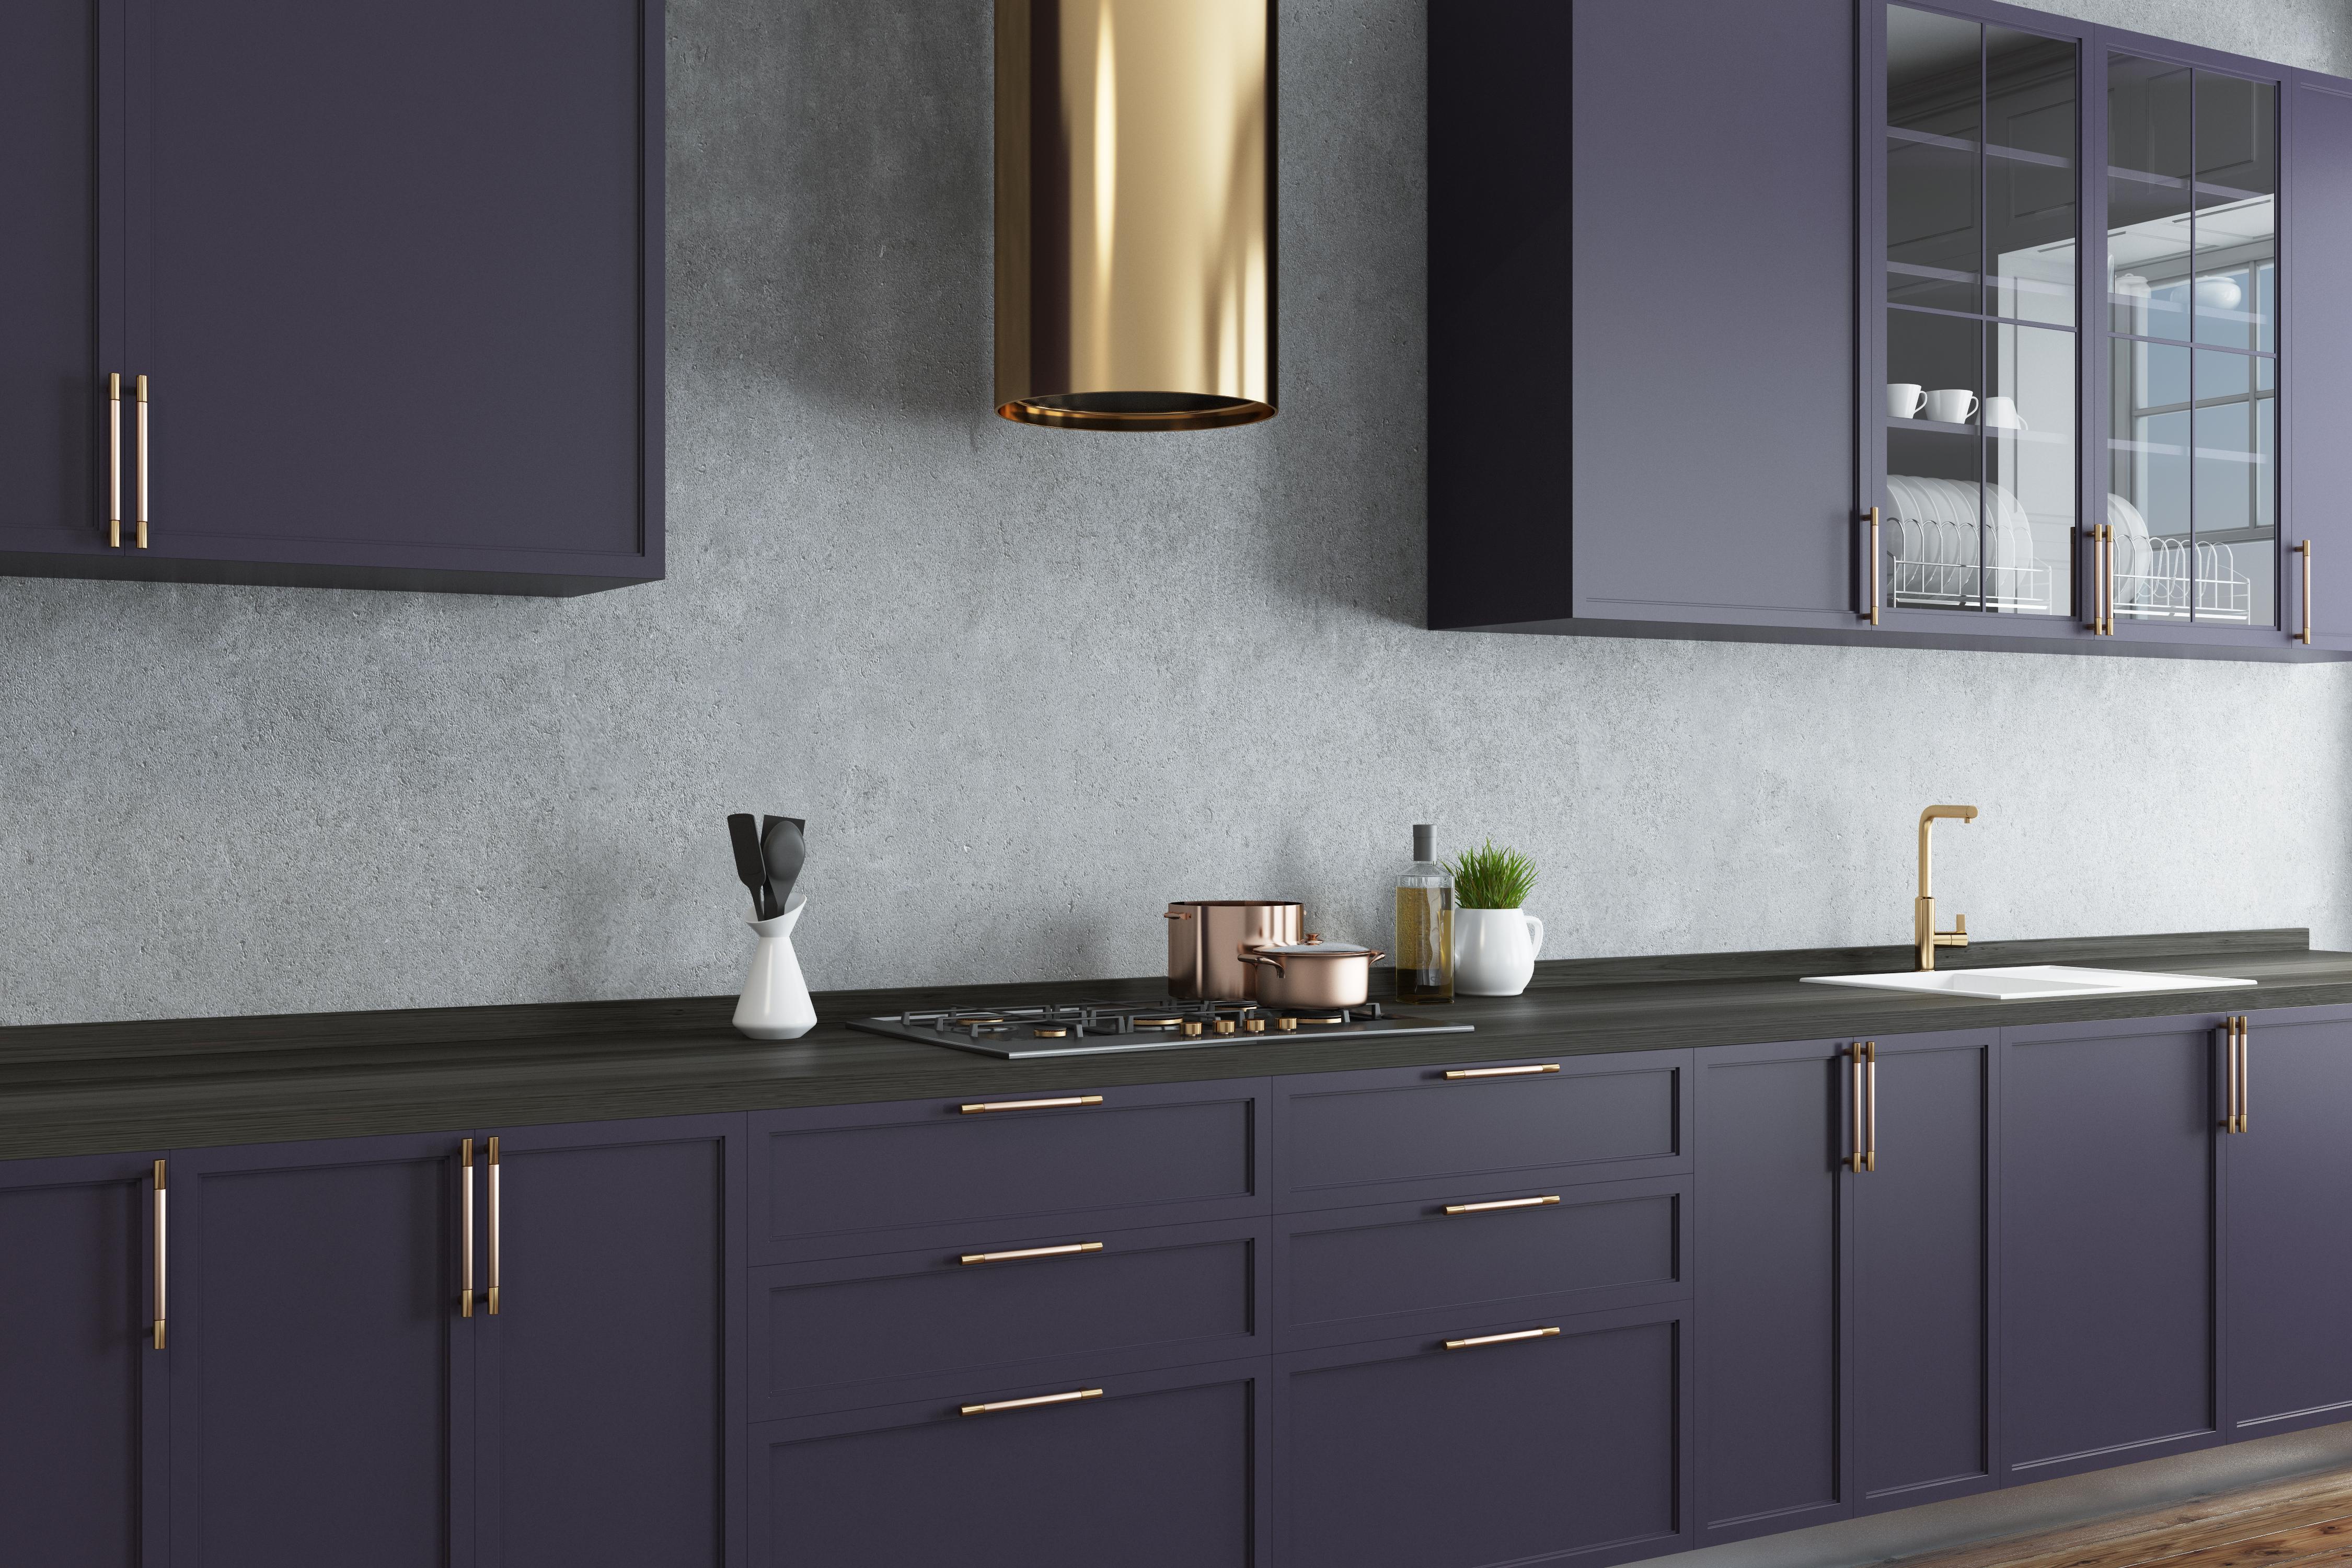 Modern kitchen with dark purple cabinets